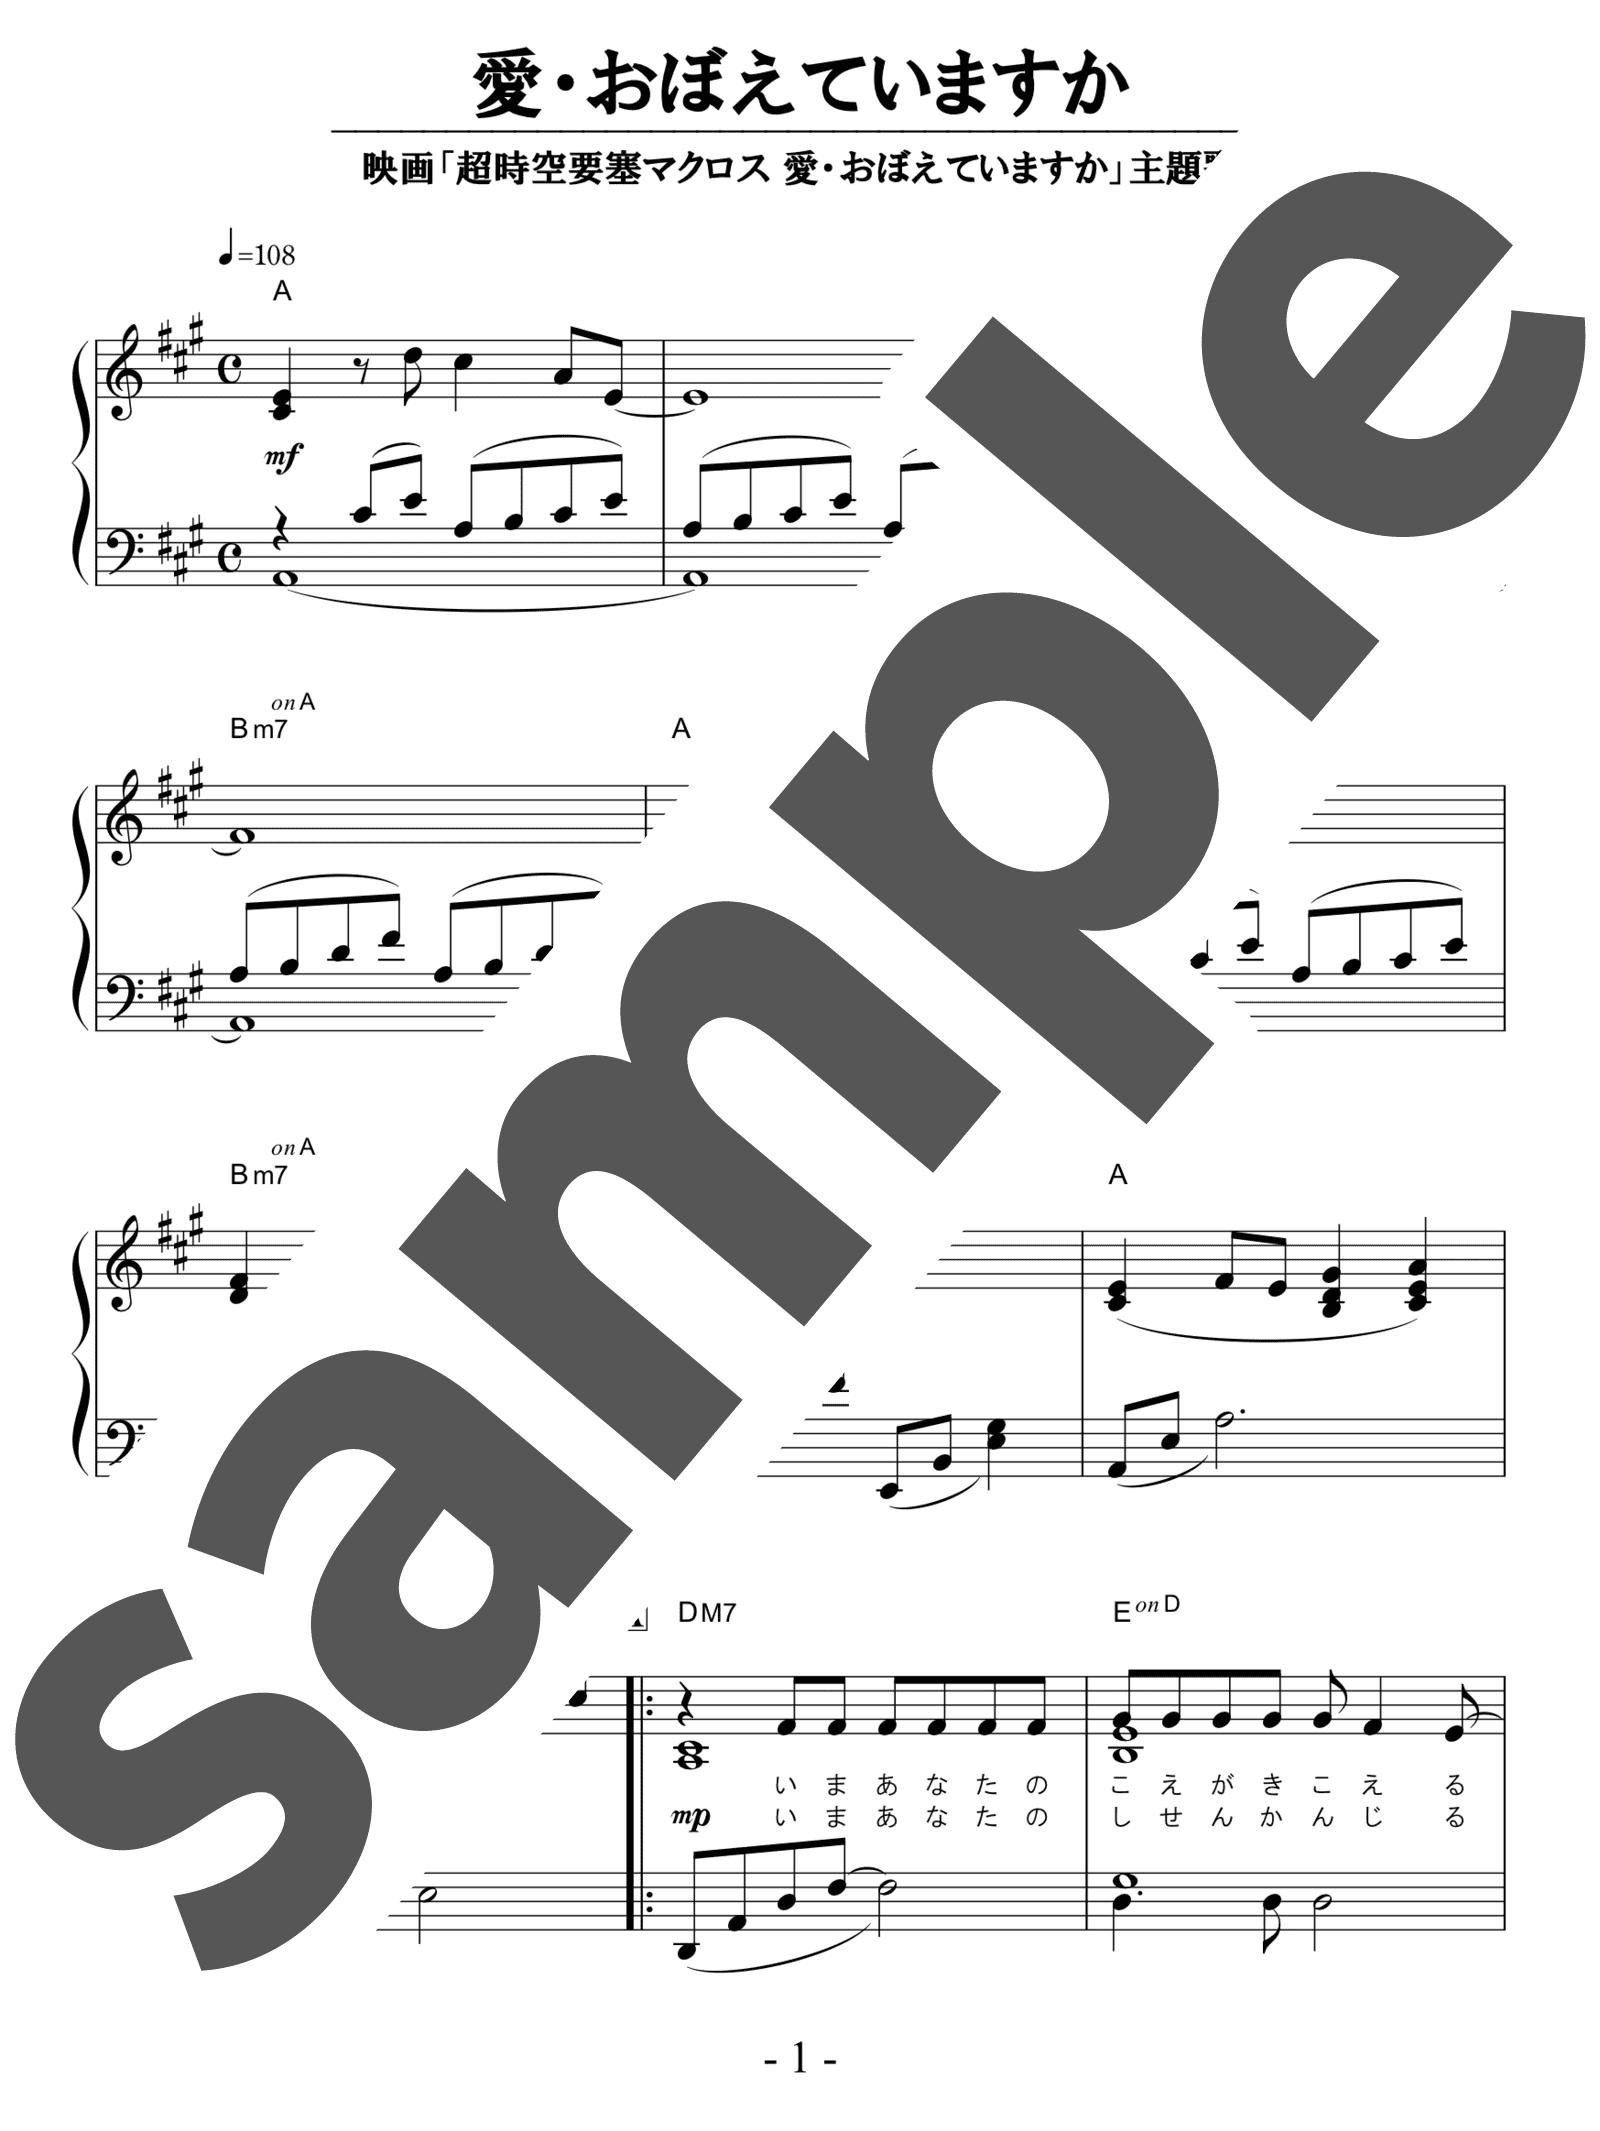 「愛・おぼえていますか」のサンプル楽譜